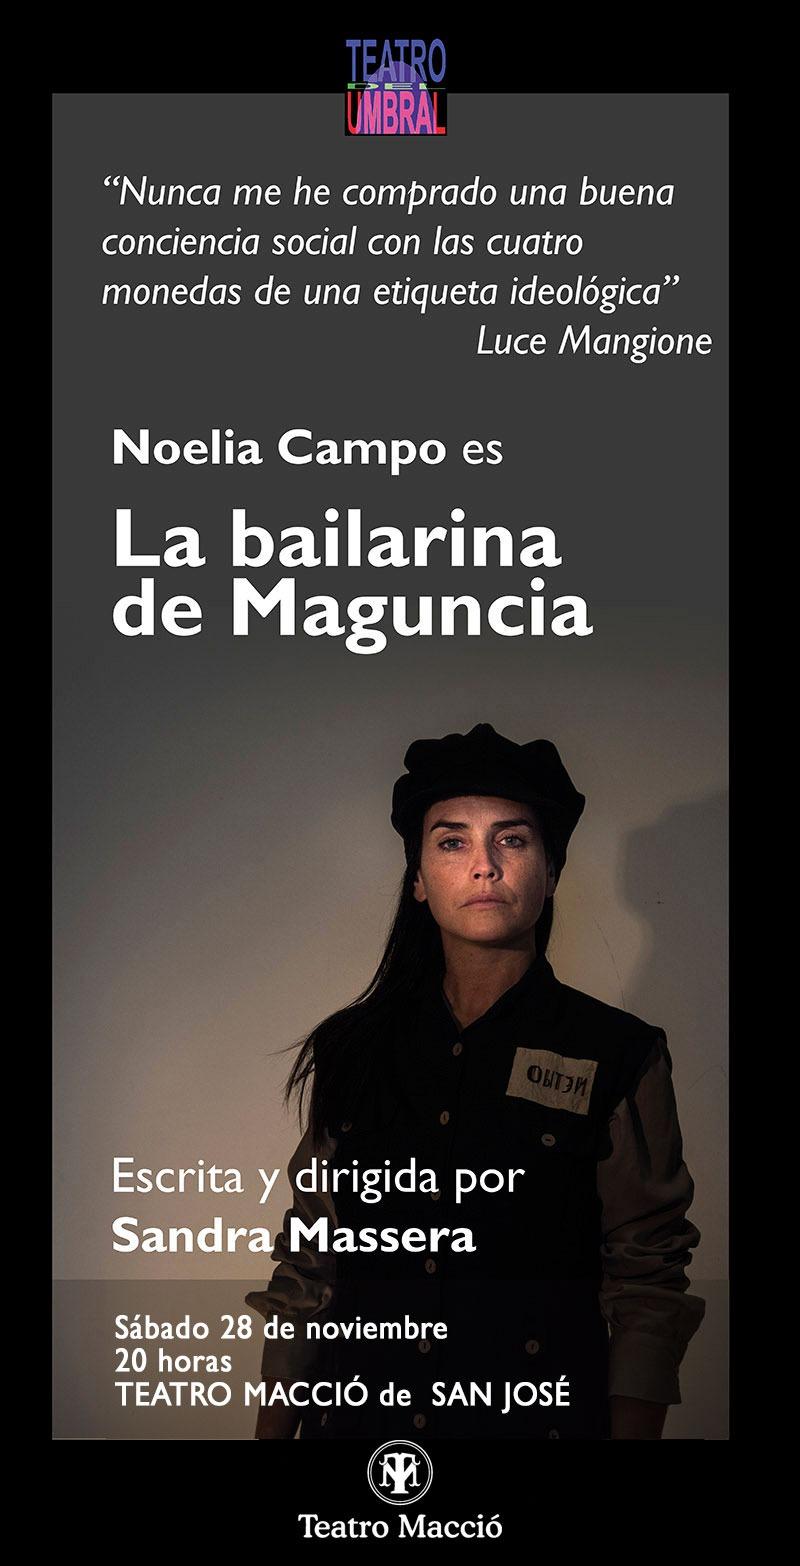 Sábado 28 de noviembre, La bailarina de Maguncia, en el Macció